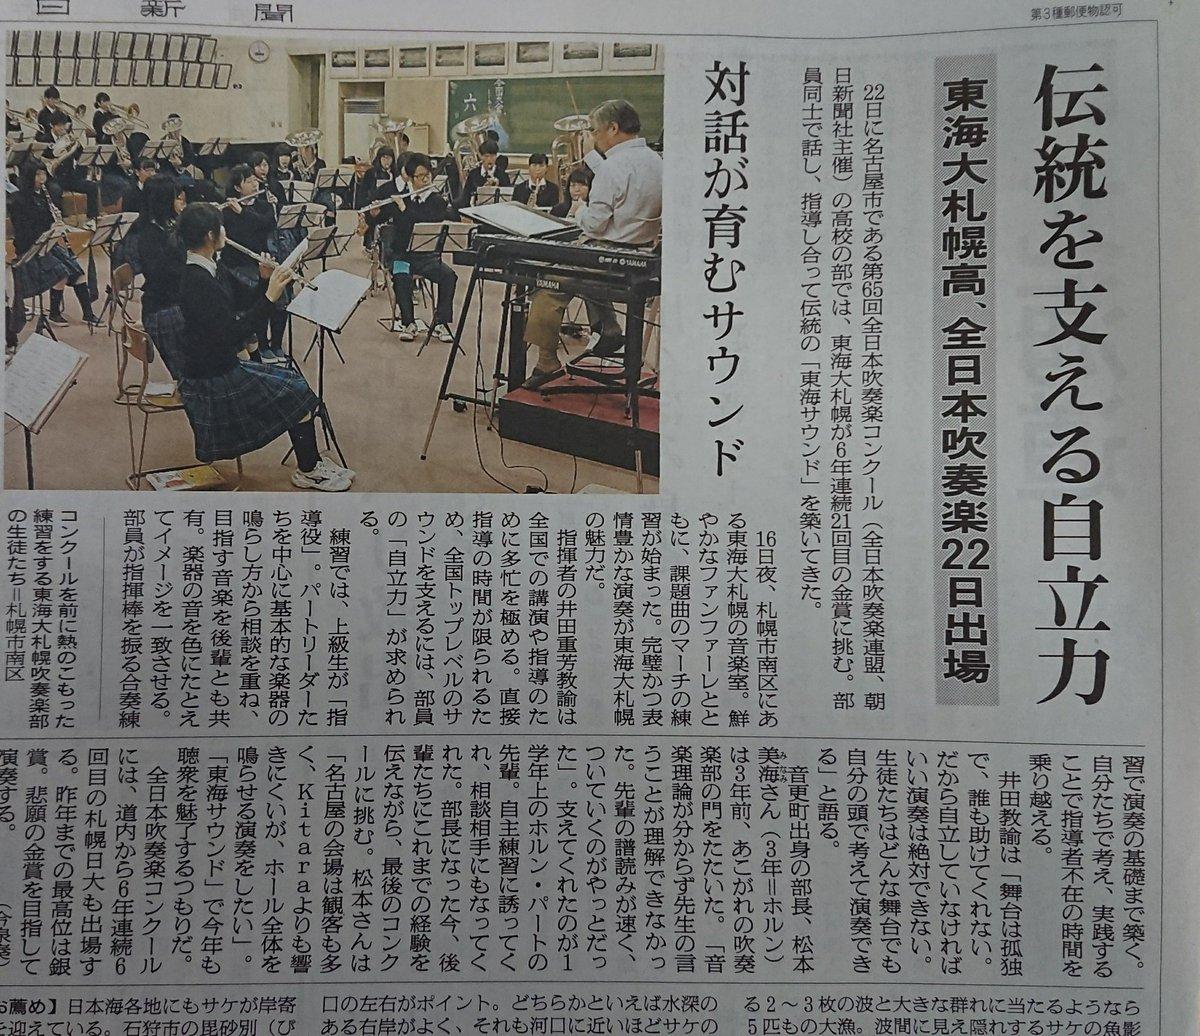 北海道の高校☆Part24 [無断転載禁止]©2ch.netYouTube動画>9本 ->画像>7枚